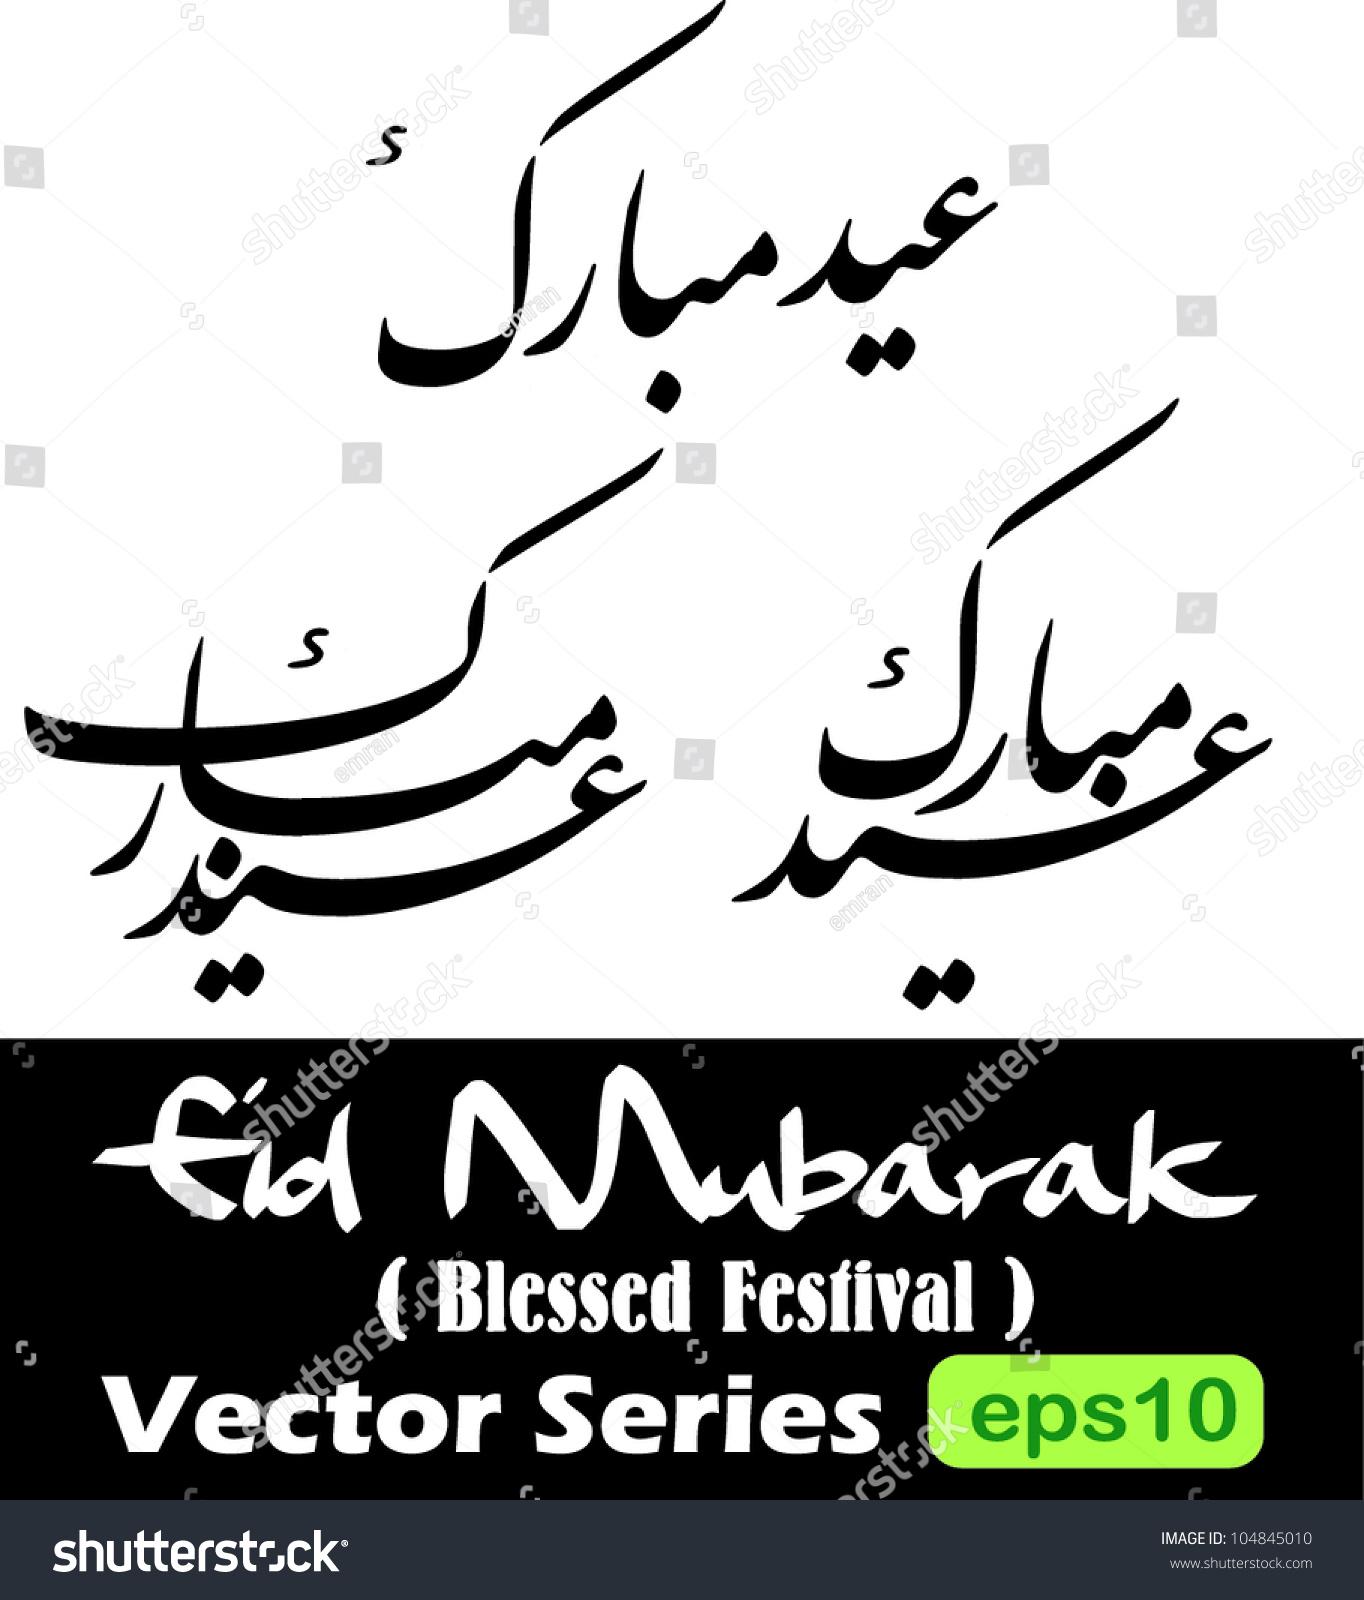 Eid mubarak blessed festival iranian nastaliq stock vector royalty eid mubarak blessed festival in iranian nastaliq farisi arabic calligraphy style which m4hsunfo